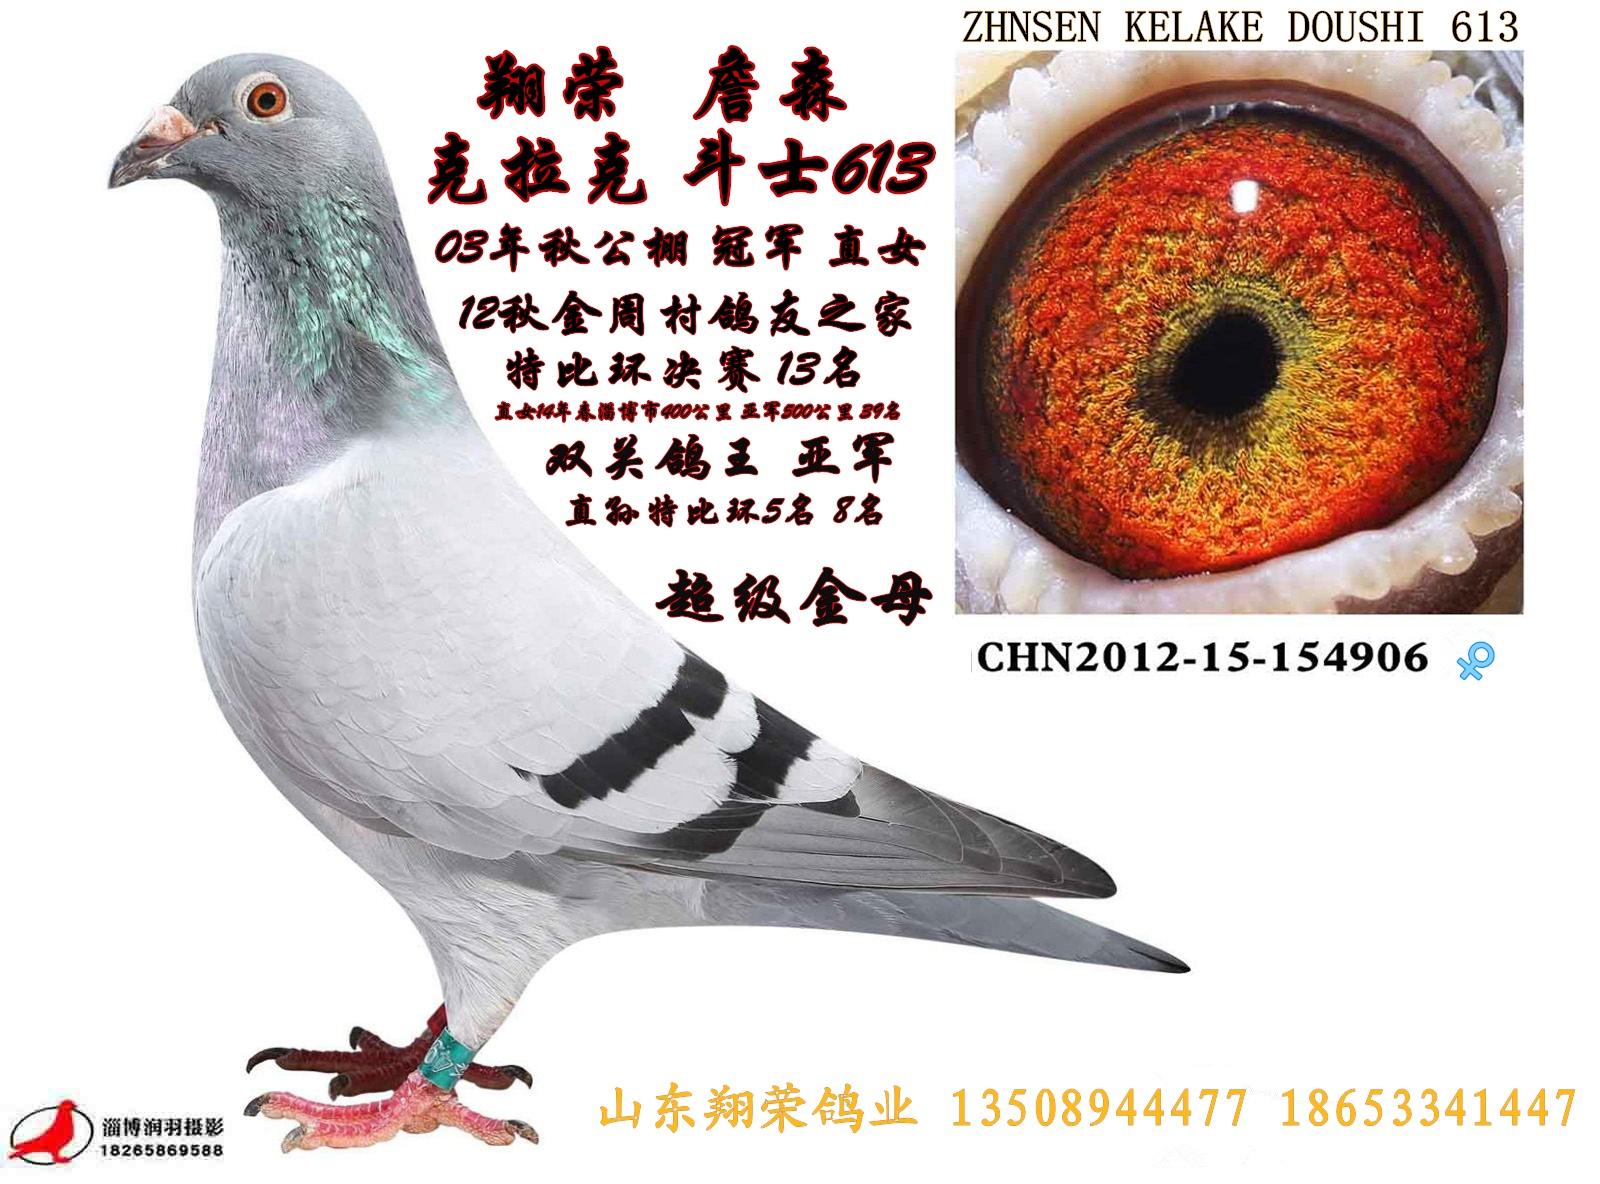 詹森 克拉克_山东翔荣鸽业-中信网爱鸽商城